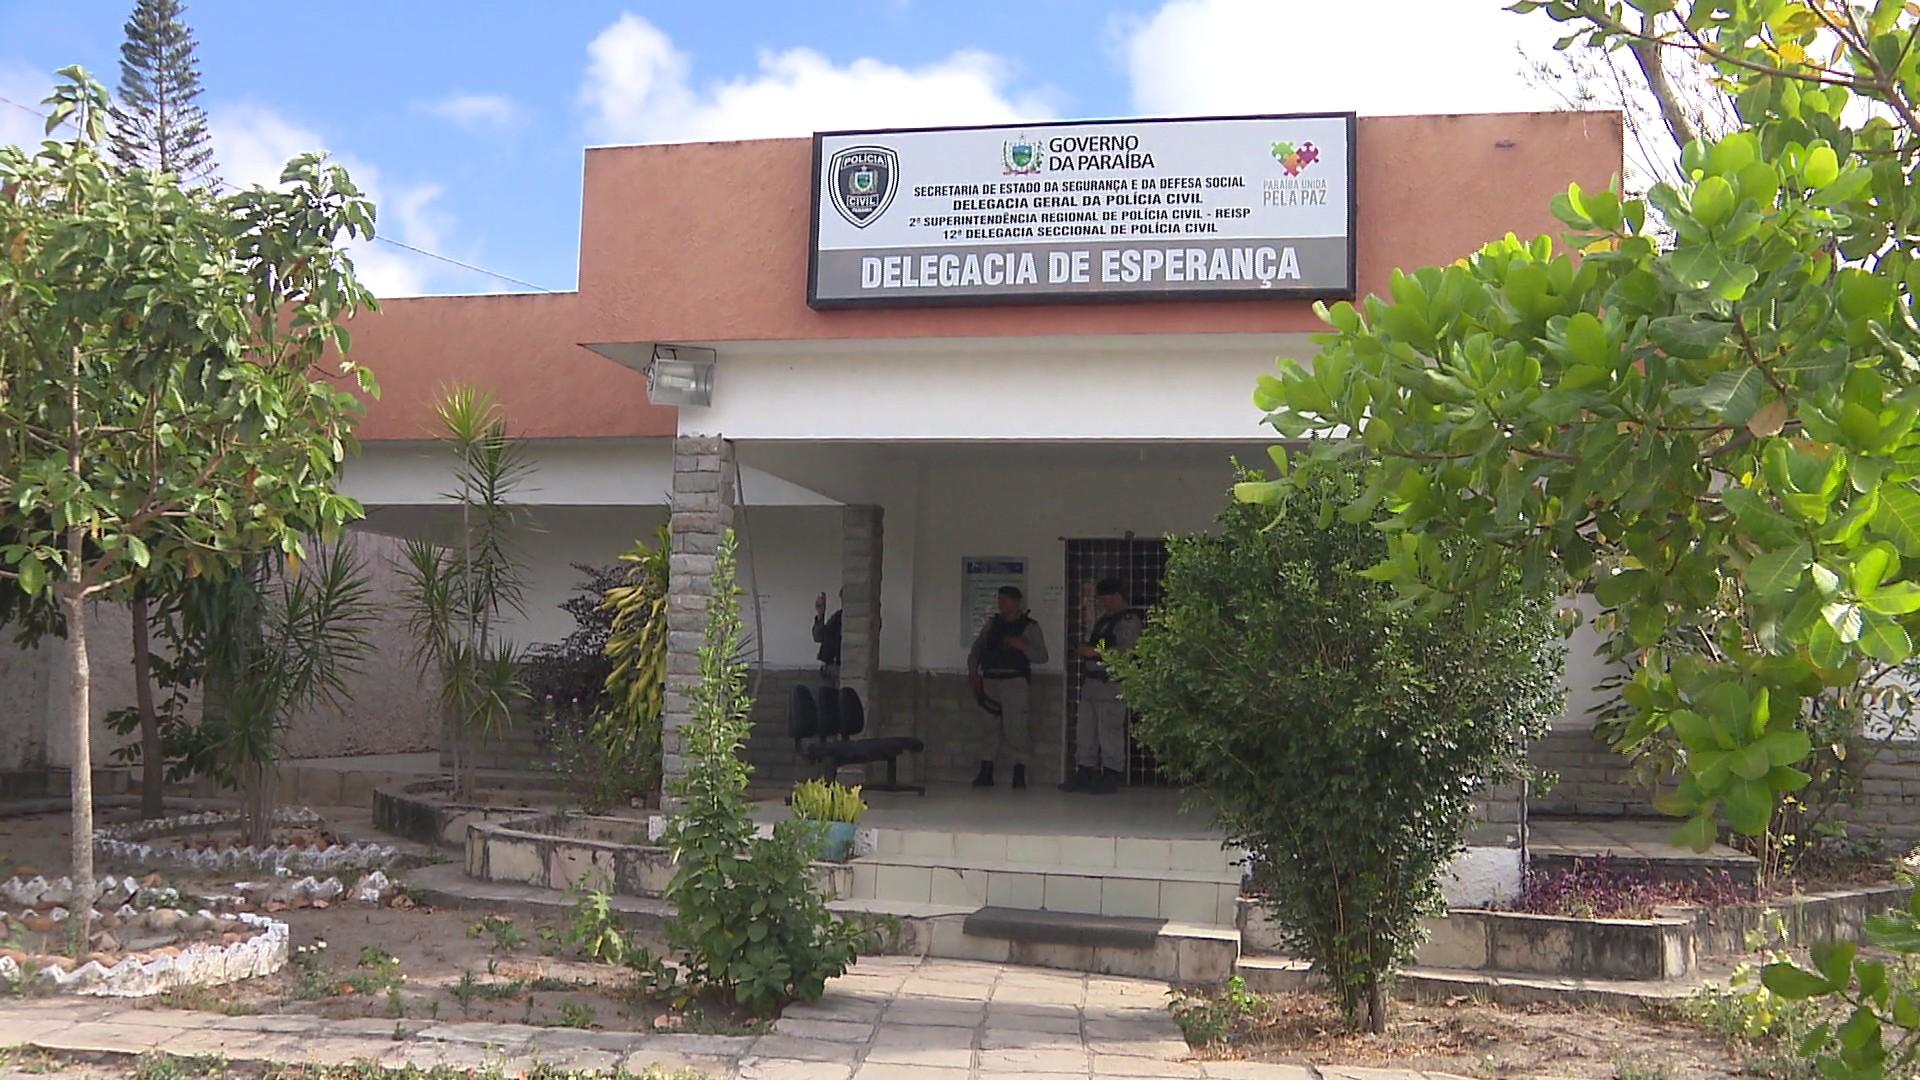 Suspeito de matar homem após desentendimento por furto de celular é preso, no Agreste da PB - Notícias - Plantão Diário